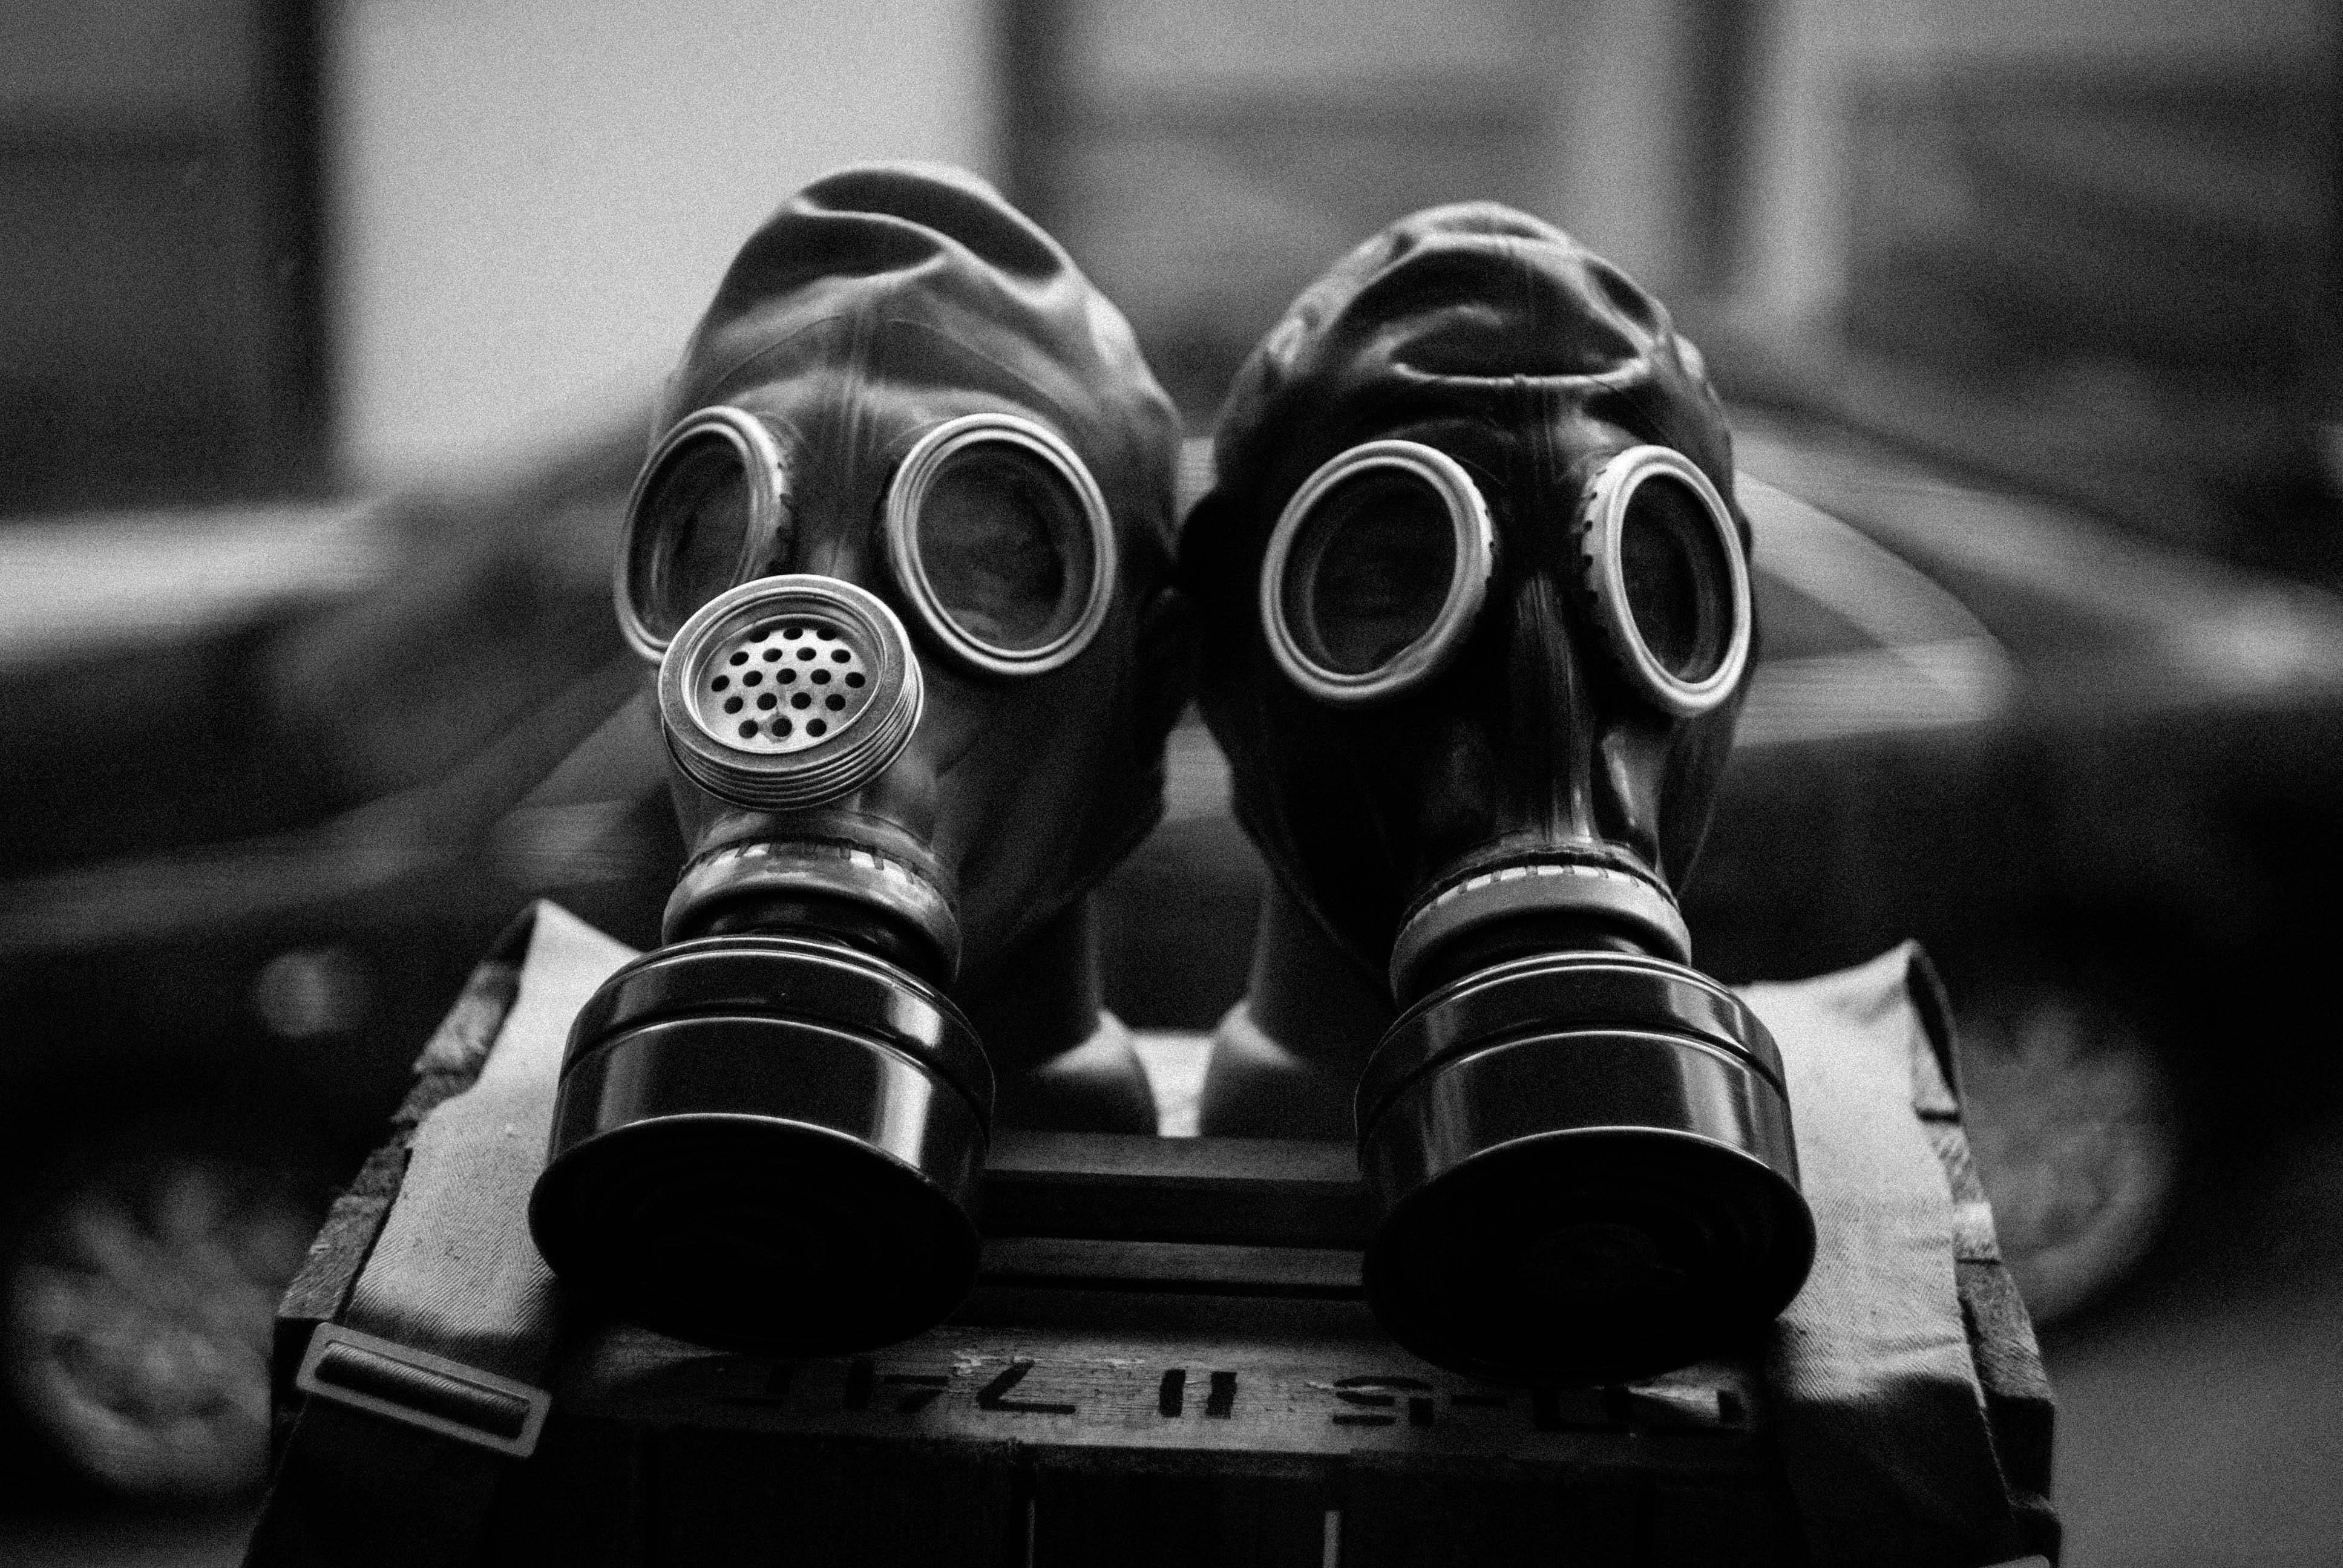 fungos radioativos de chernobyl